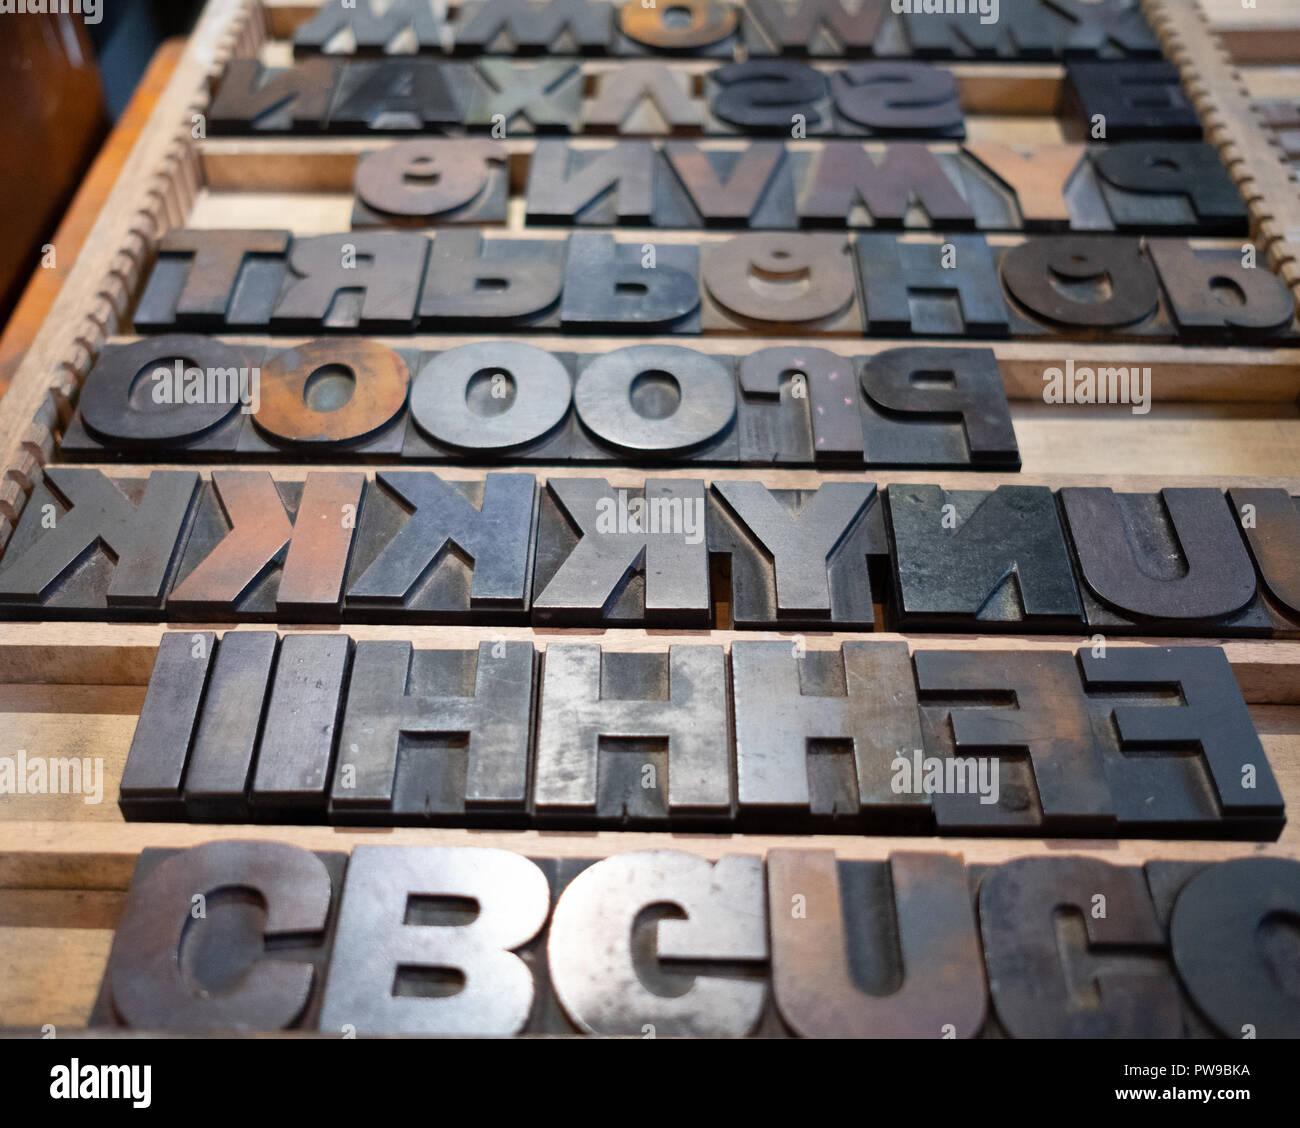 Printing letter blocks for typesetting - Stock Image